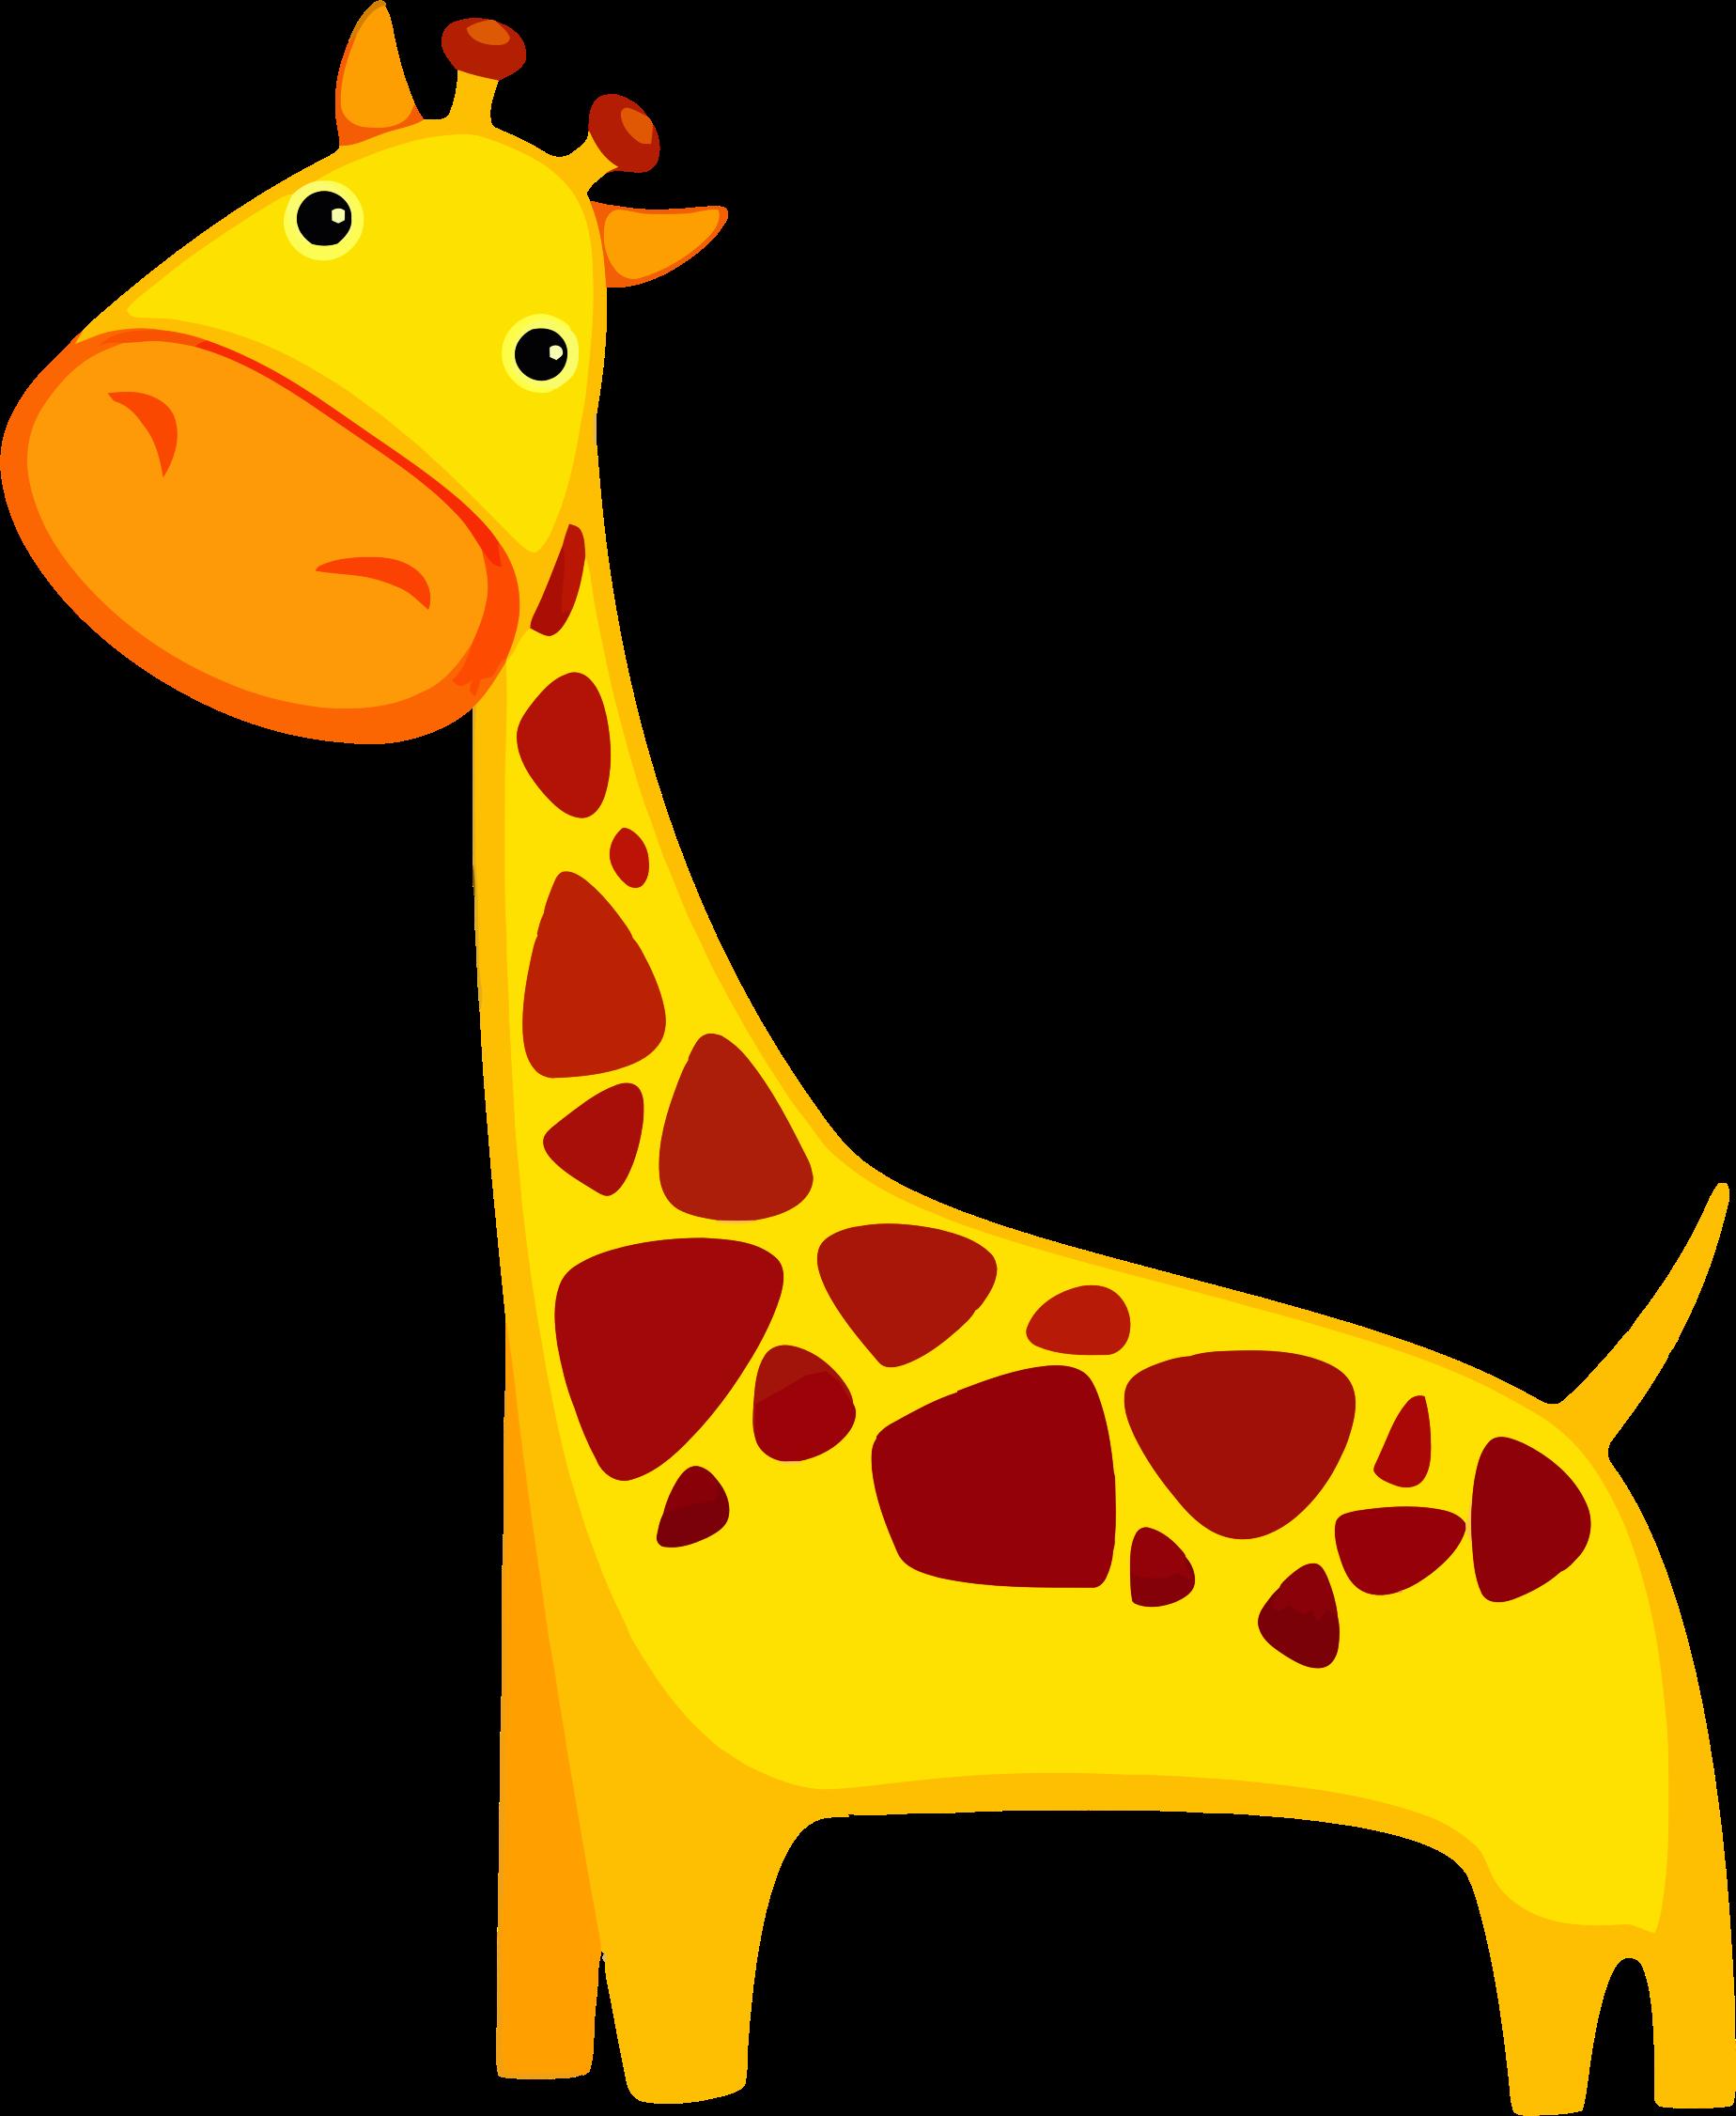 Cartoon bclipart giraffebclipart animals. Giraffe clipart side view